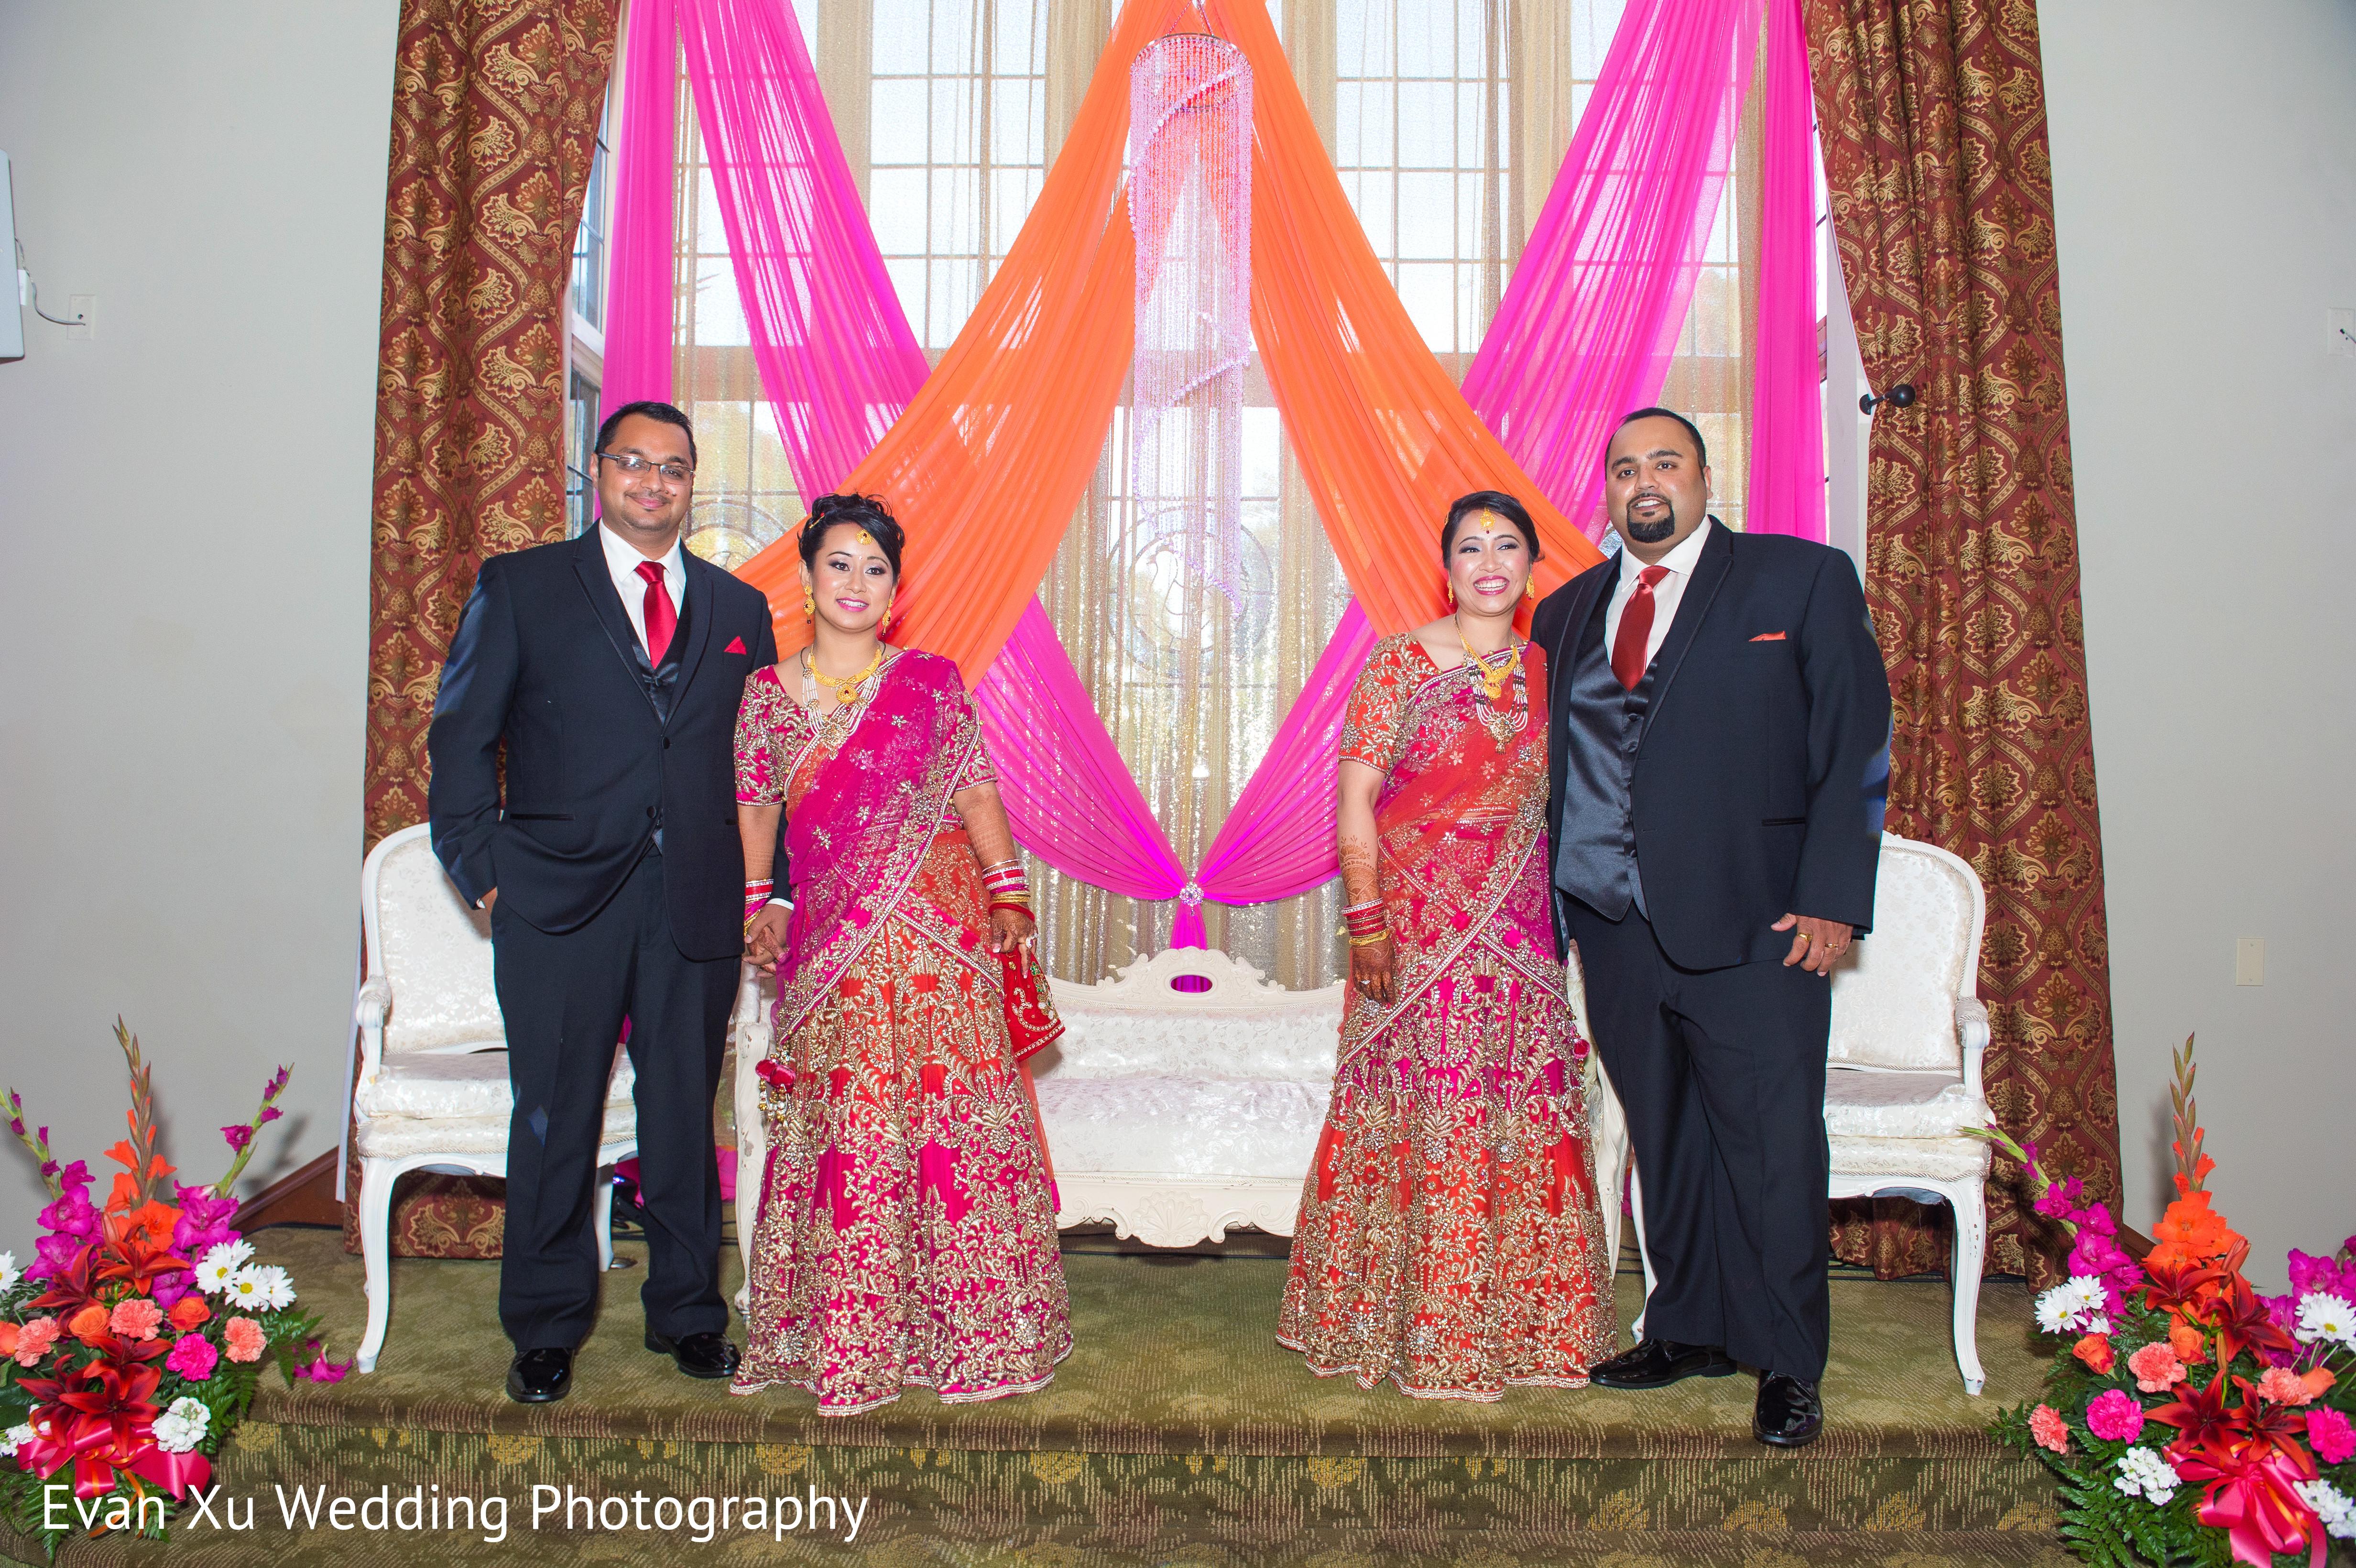 El Cerrito, CA, Double Sikh Wedding by Evan Xu Wedding Photography ...